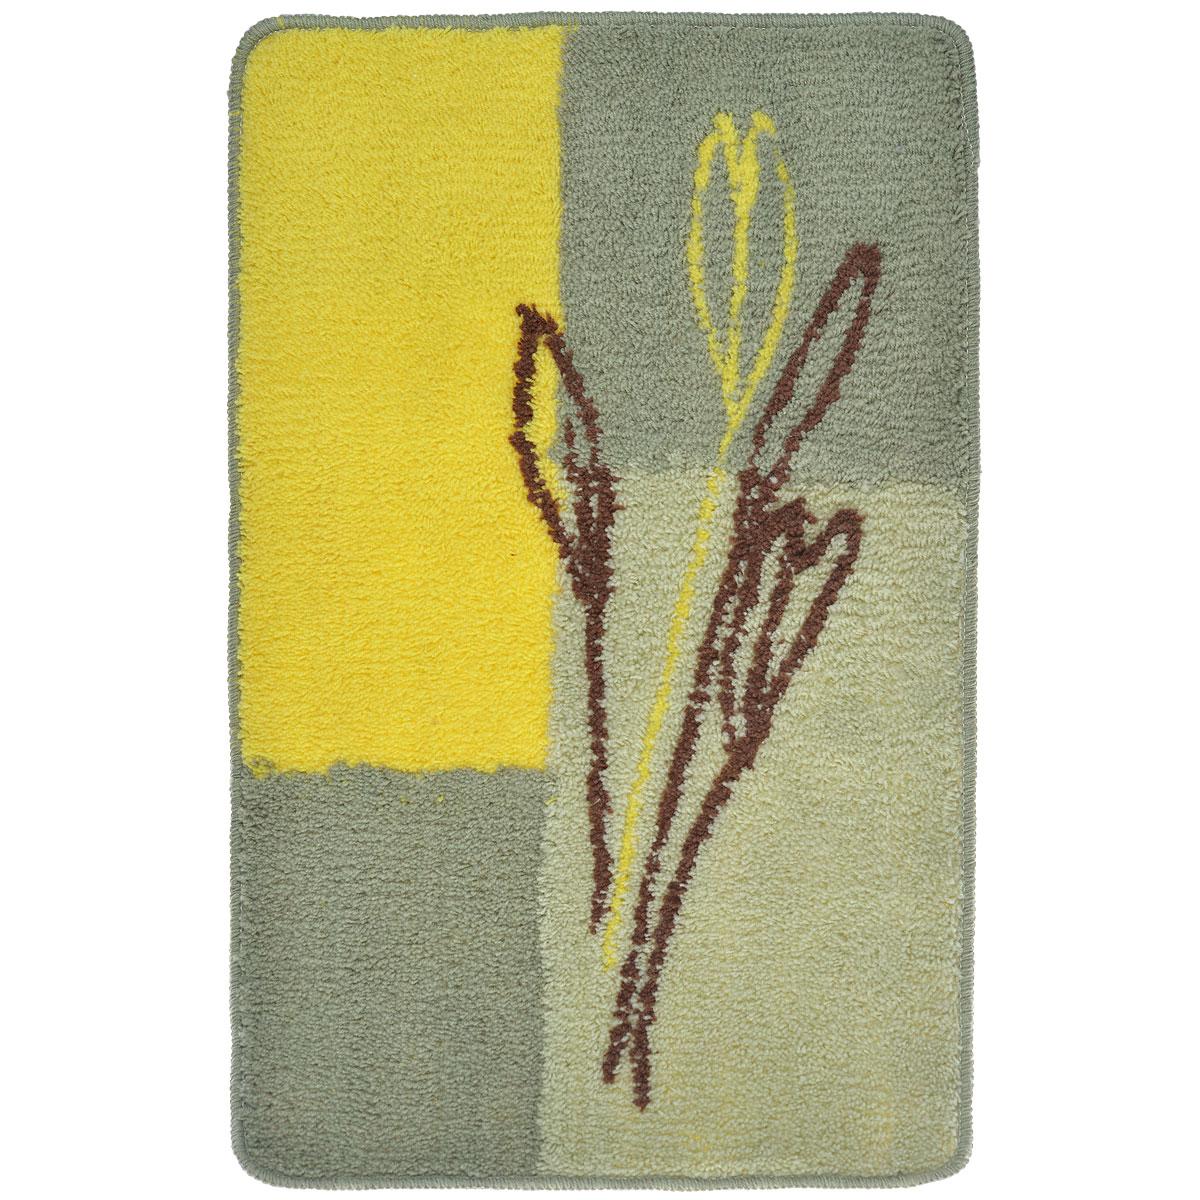 Коврик для ванной комнаты Fresh Code, цвет: зеленый, желтый, 80 х 50 см54930_зеленый,желтыйКоврик для ванной Fresh Code изготовлен из 100% акрила с латексной основой. Коврик, украшенный оригинальным рисунком, создаст уют в ванной комнате. Акриловый ворс коврика хорошо впитывает воду, создает комфортное покрытие. Рекомендации по уходу: - стирать в ручном режиме, - не использовать отбеливатели, - не гладить, - не подходит для сухой чистки (химчистки). Размер коврика: 80 см х 50 см.